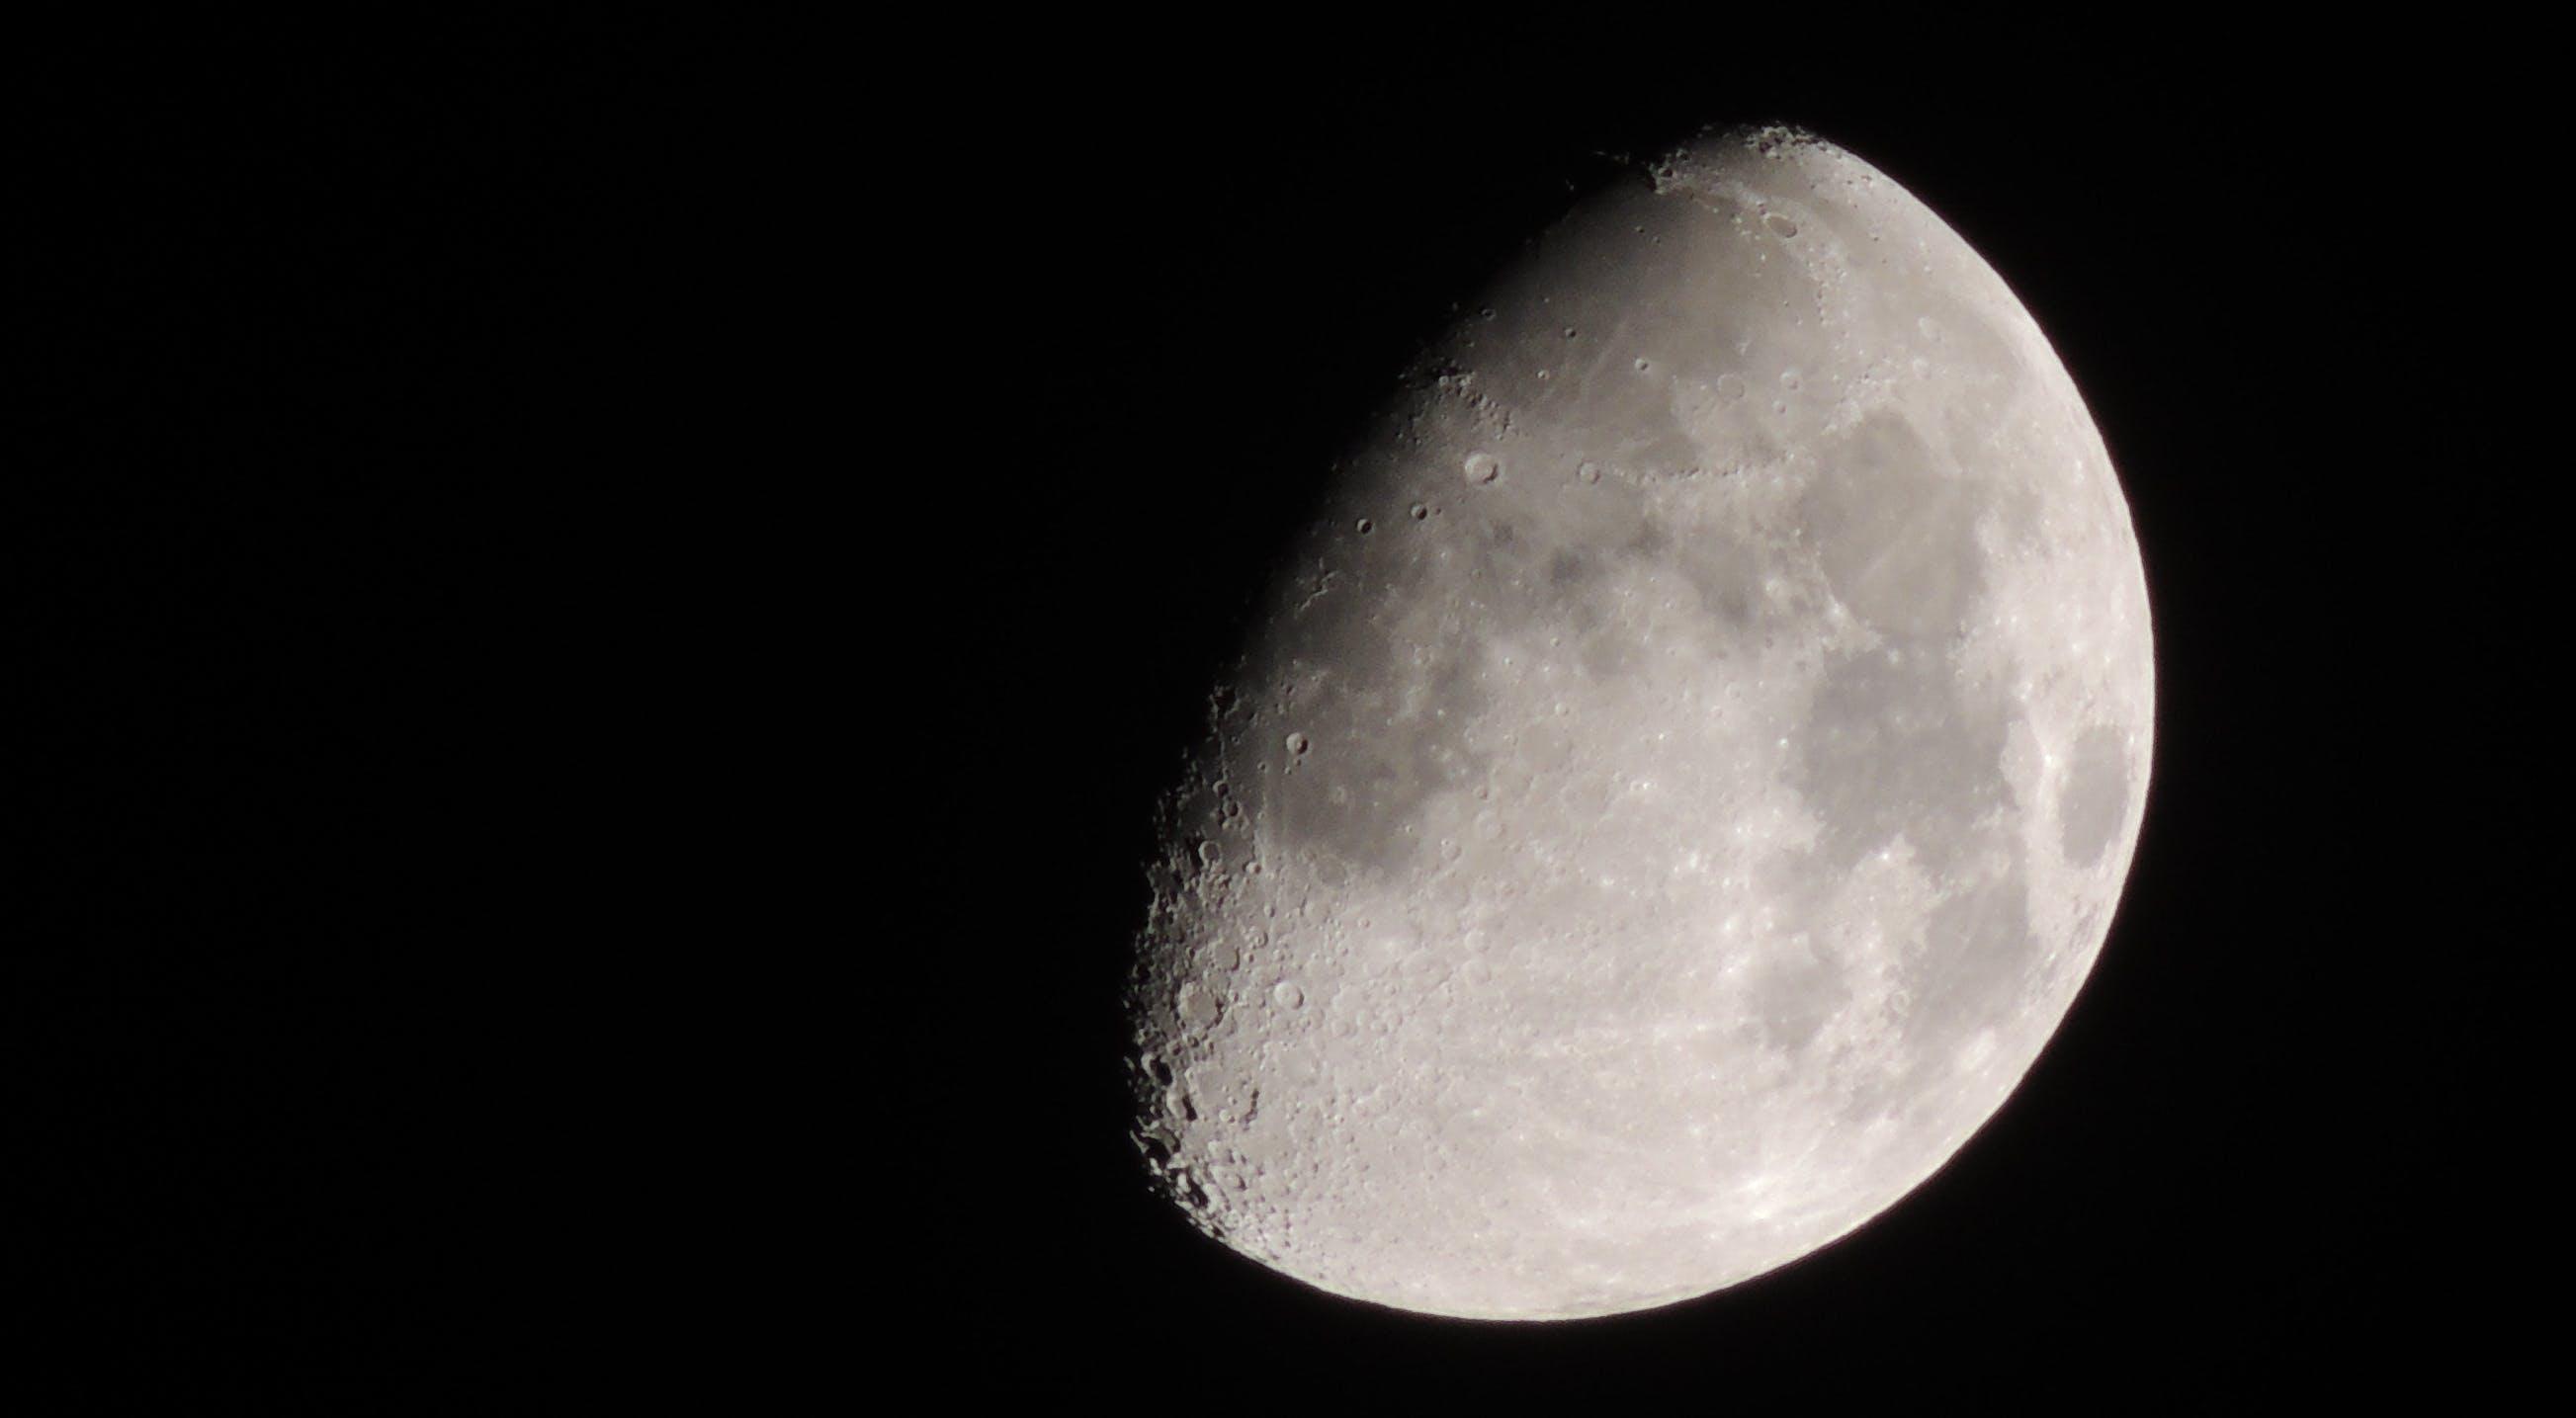 Totale maansverduistering op komst